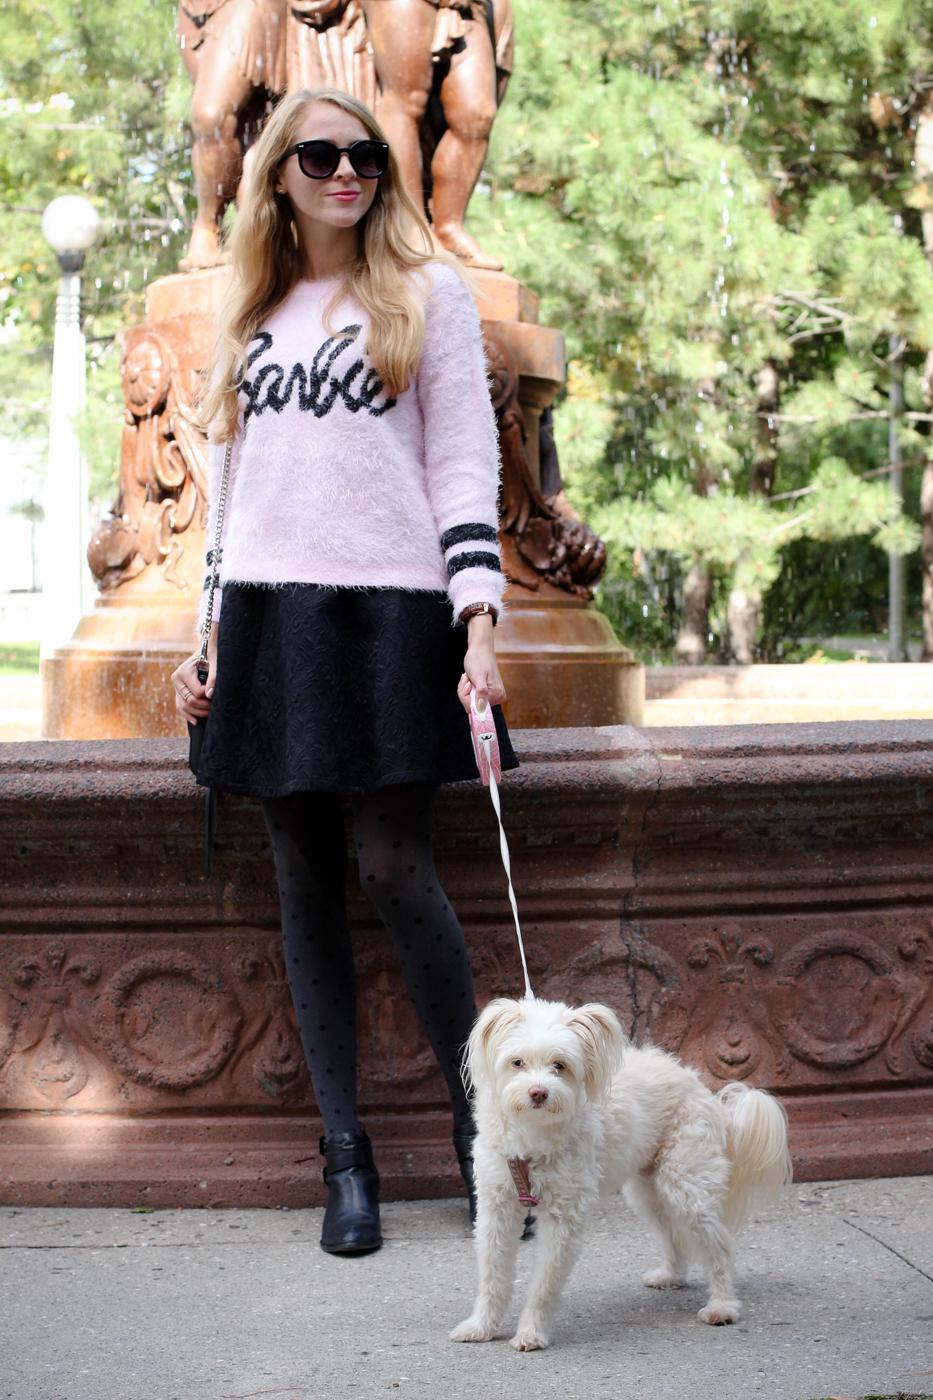 rosie barbie girl (1 of 2)